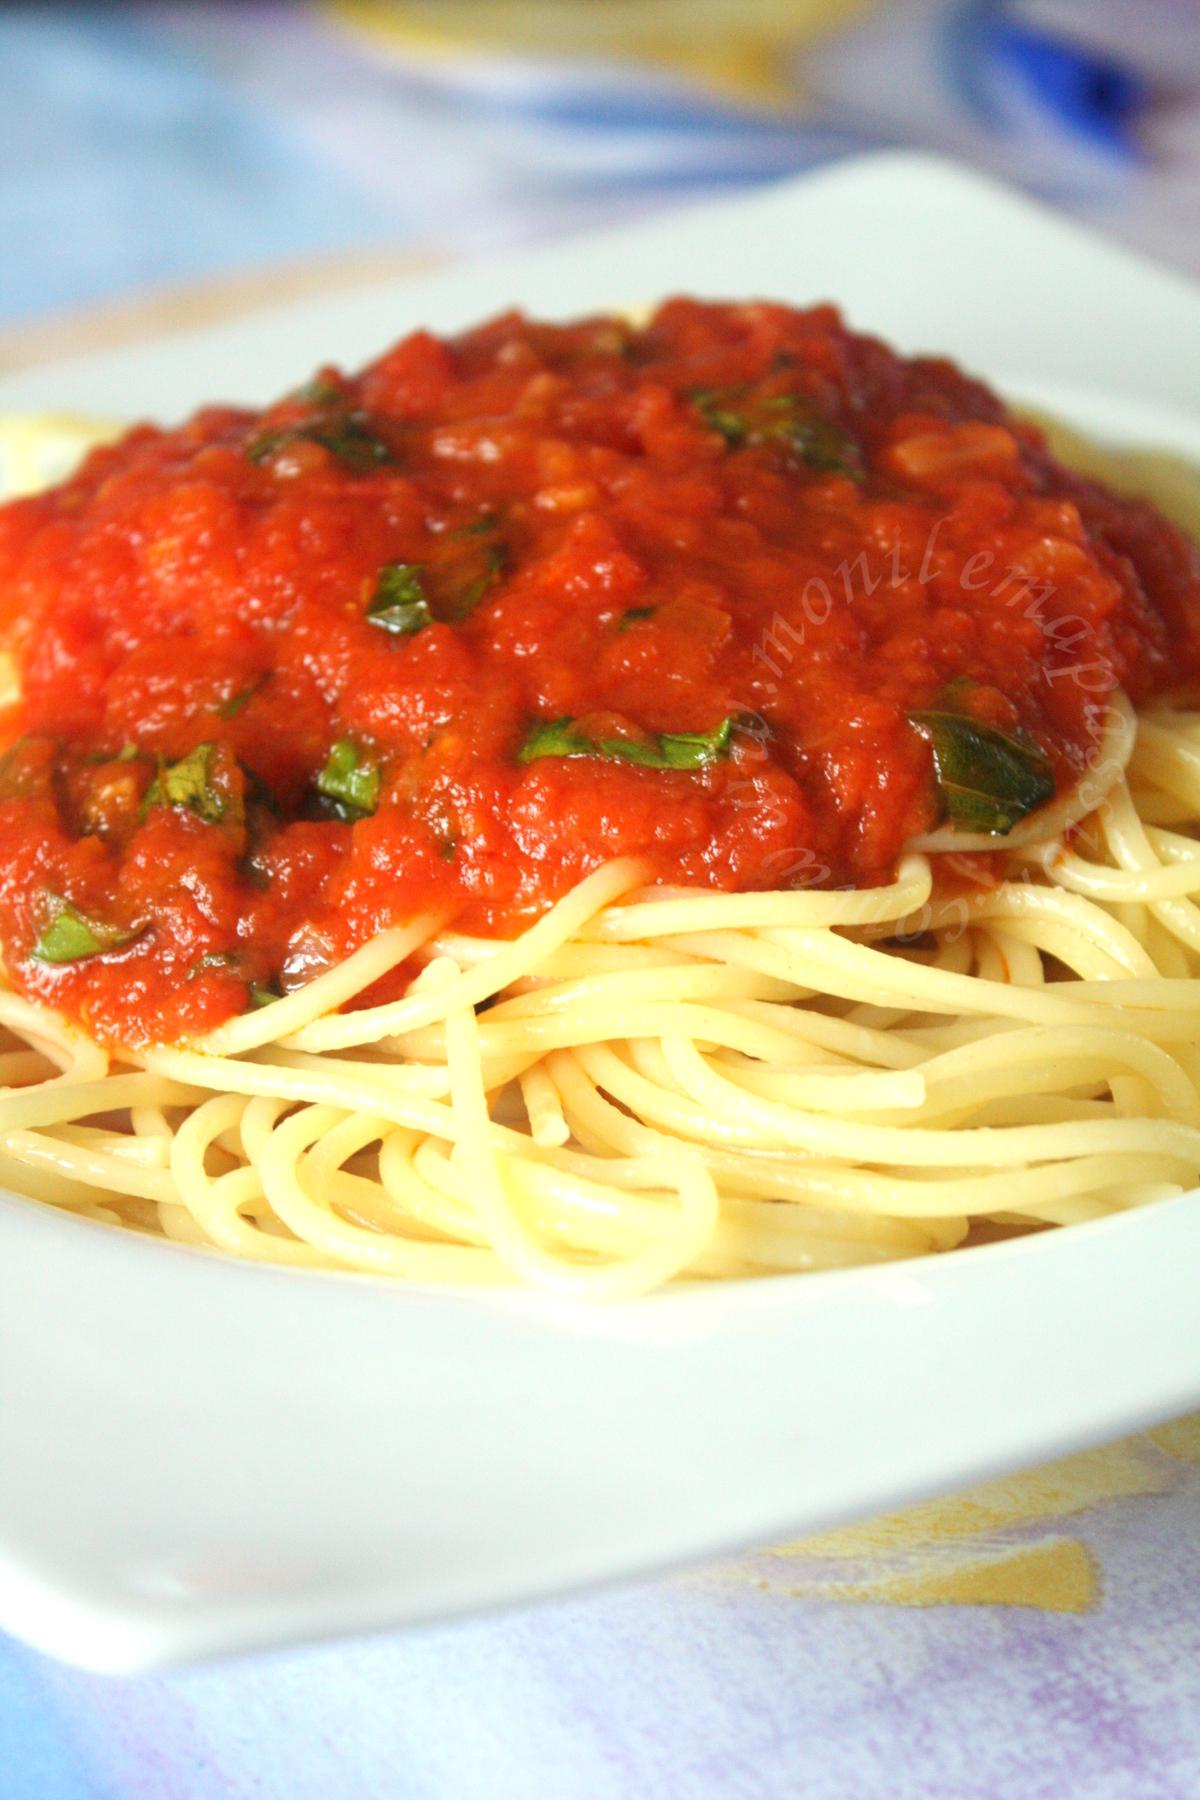 Sauce tomate au basilic – Basil tomato sauce